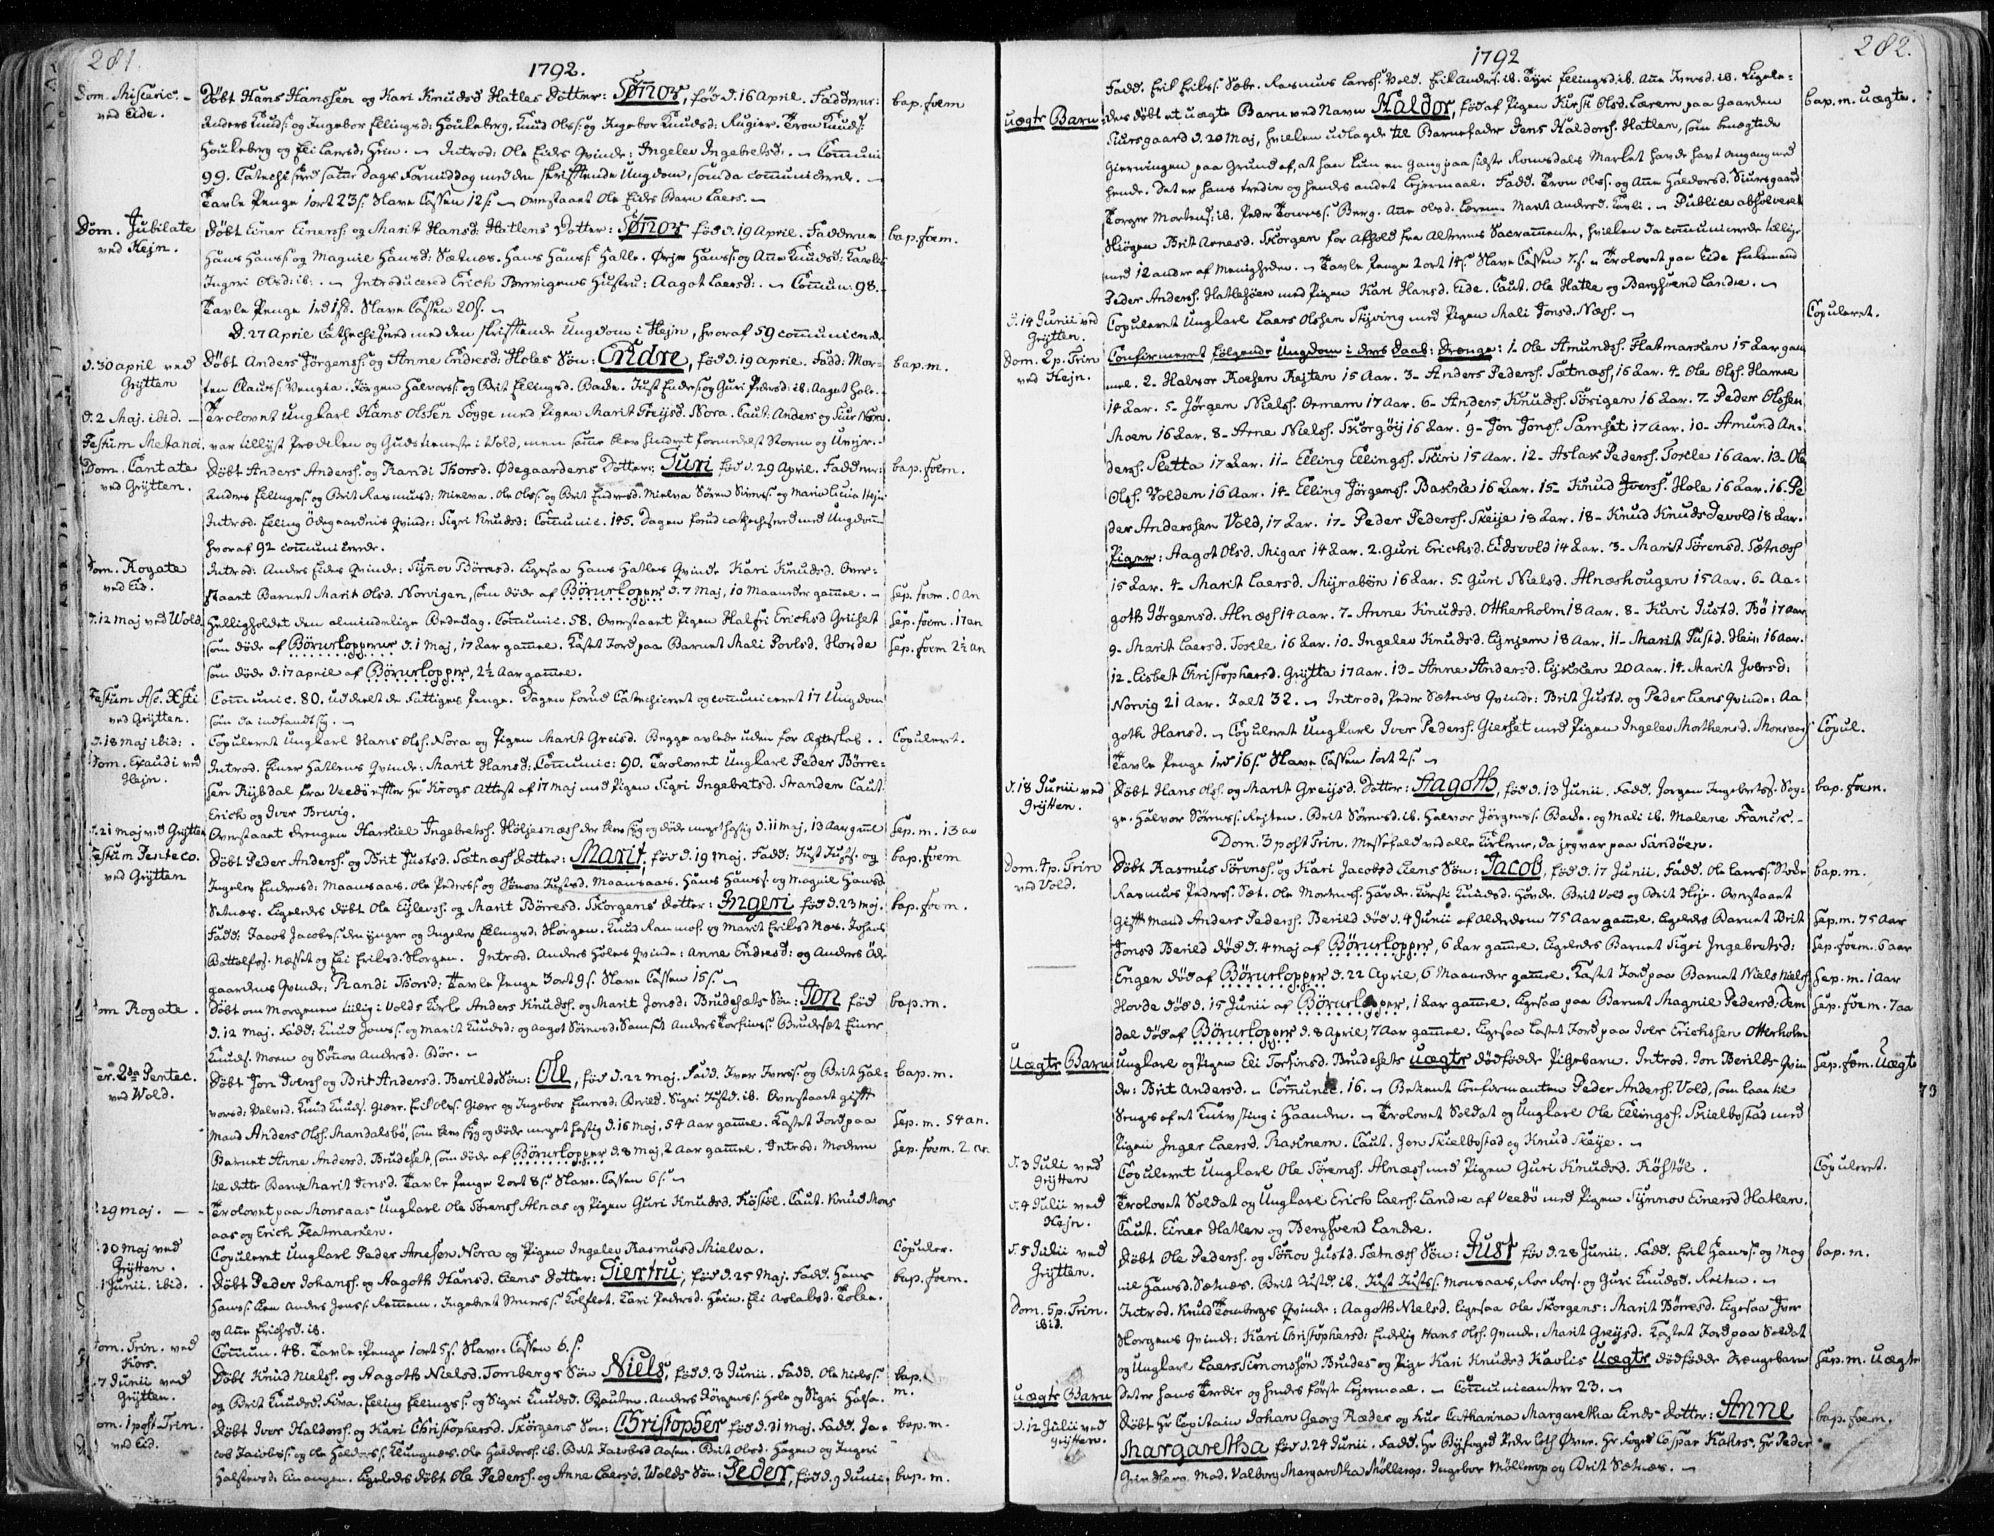 SAT, Ministerialprotokoller, klokkerbøker og fødselsregistre - Møre og Romsdal, 544/L0569: Ministerialbok nr. 544A02, 1764-1806, s. 281-282